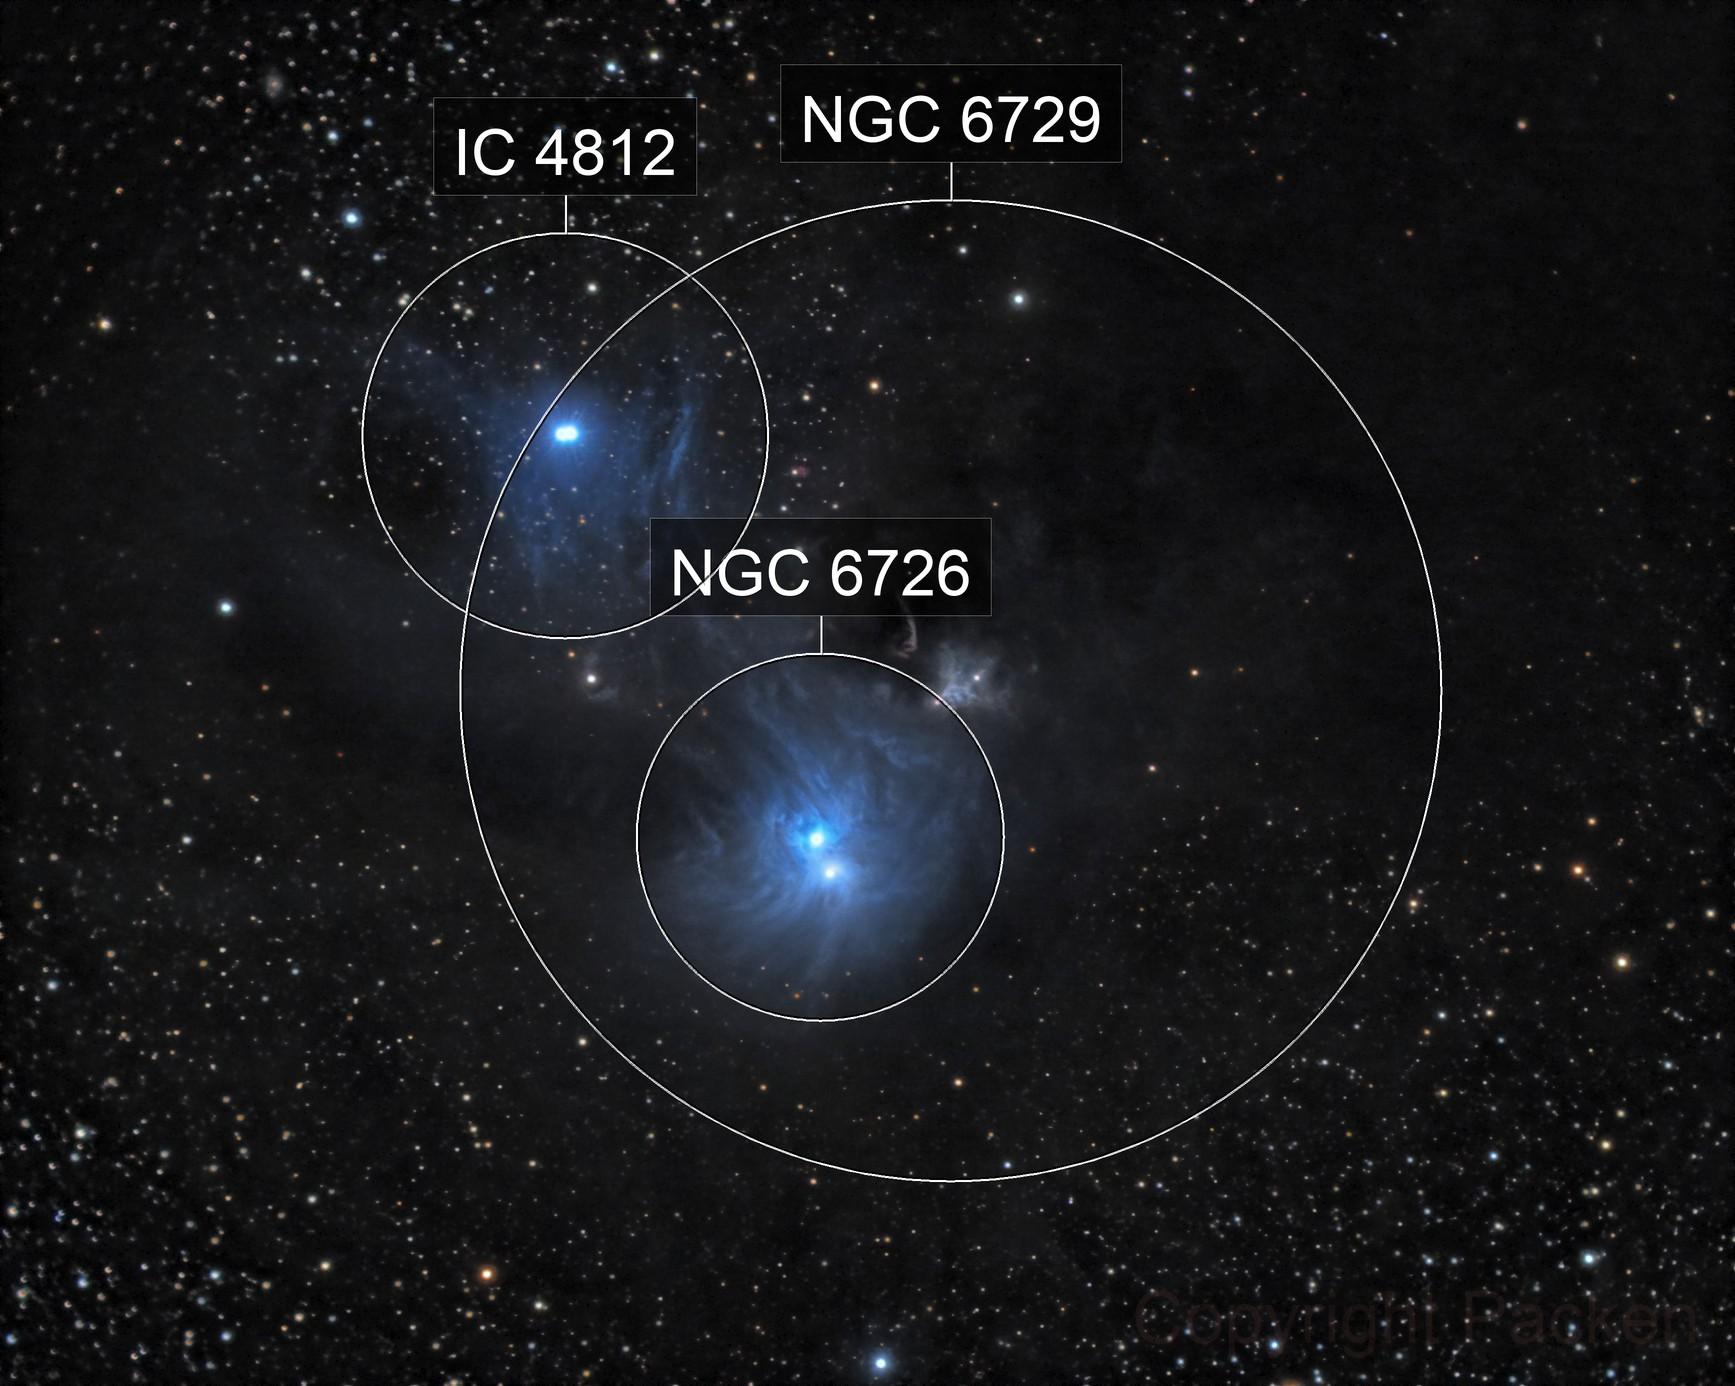 NGC 6729